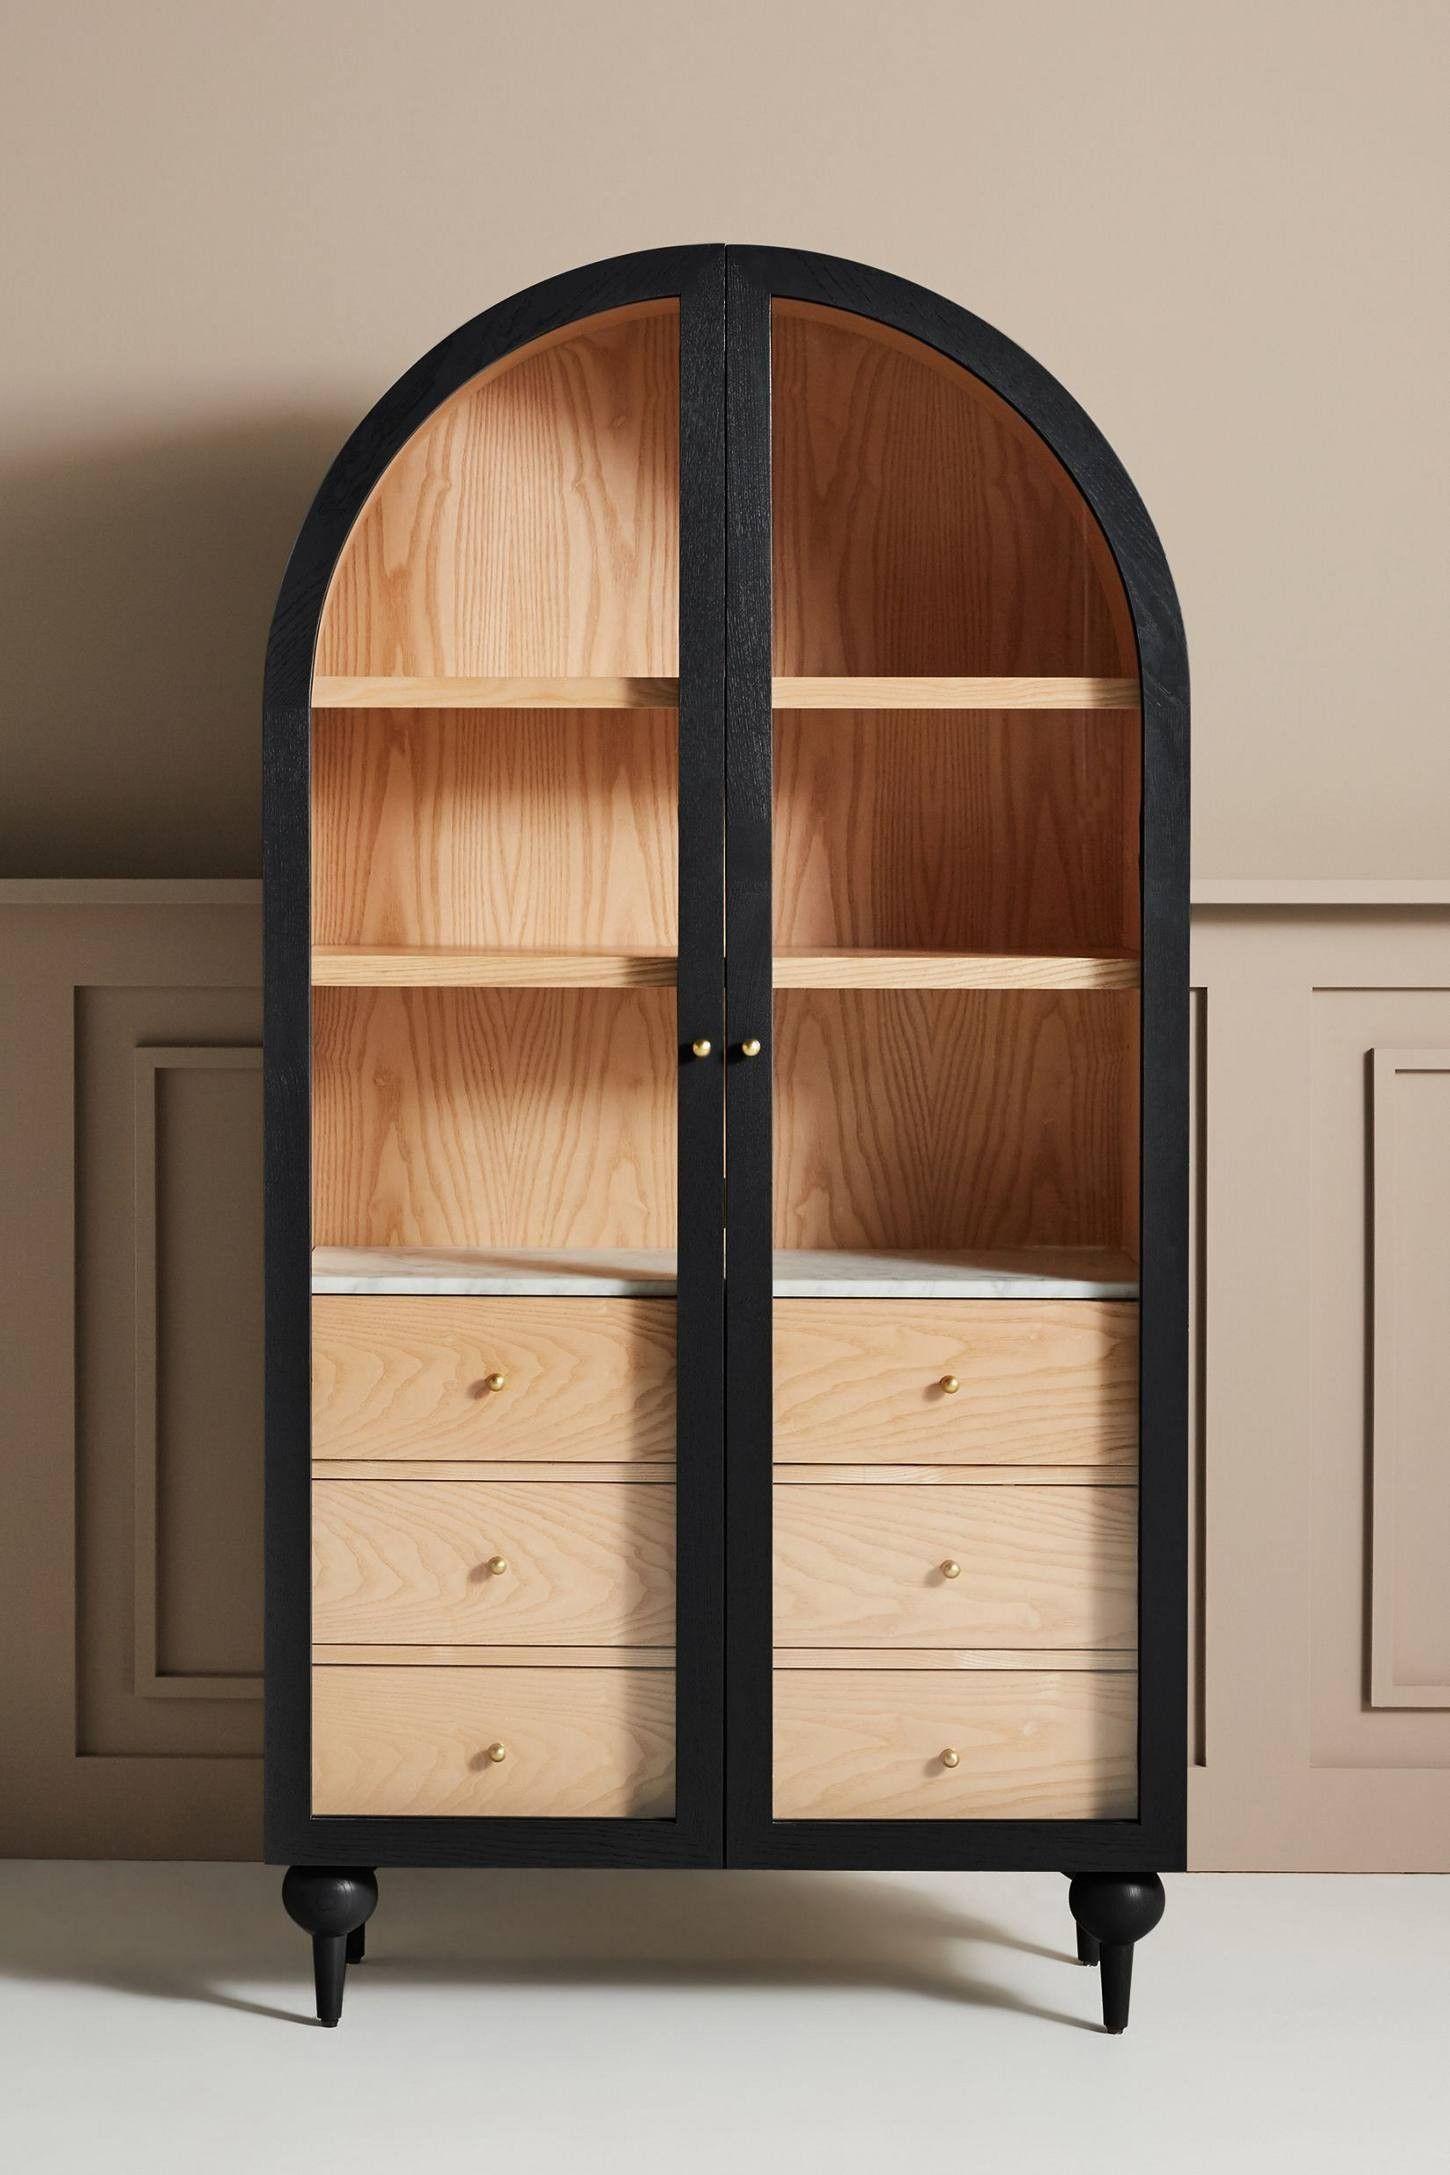 Fern Storage Cabinet In 2020 Wood Storage Cabinets Storage Cabinet Cheap Home Decor